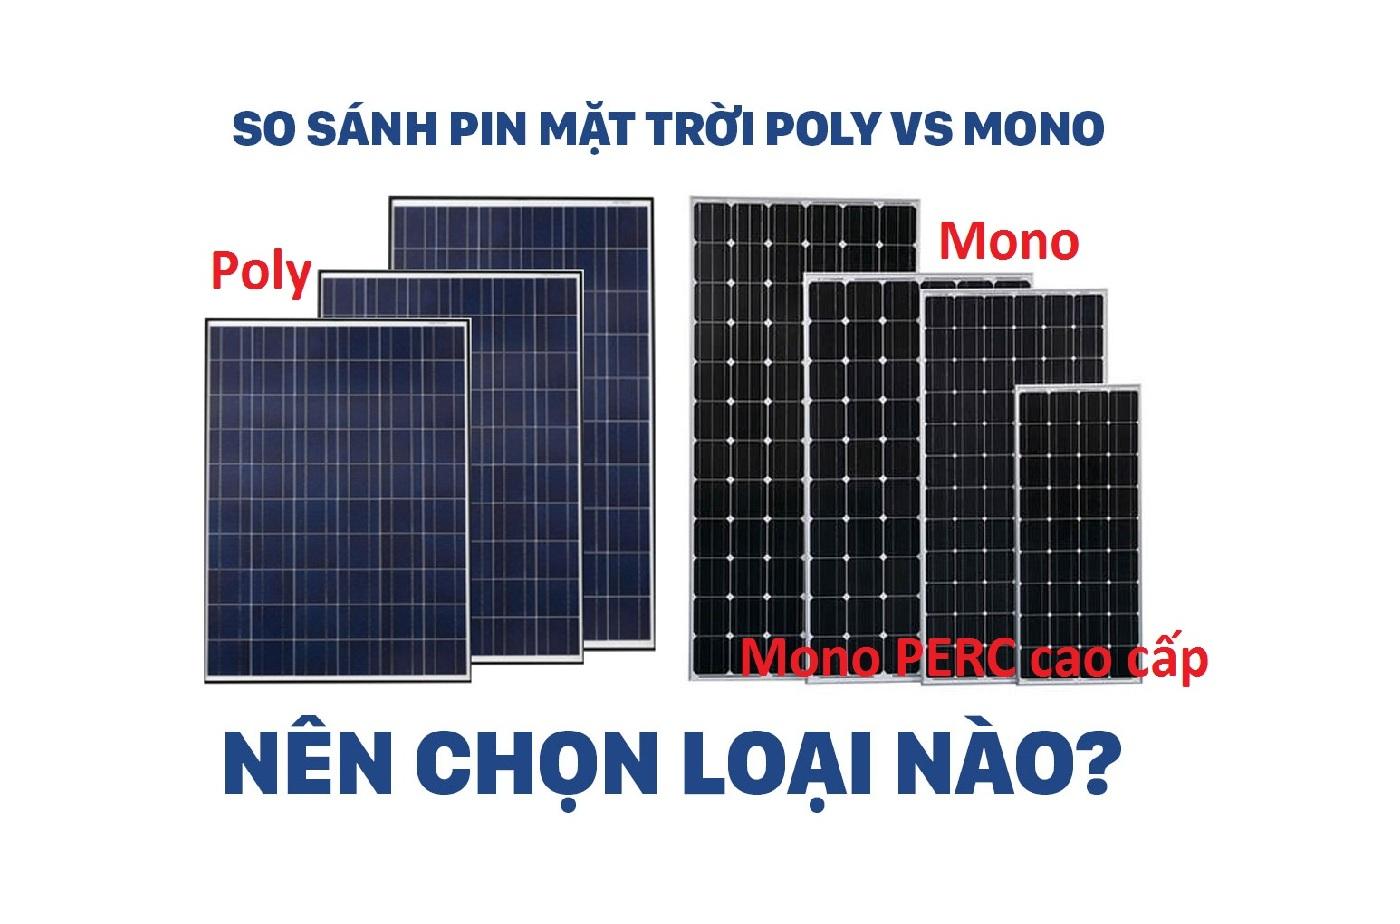 Tấm Pin Năng Lượng Mặt Trời Poly Và Mono Nên Chọn Loại Nào